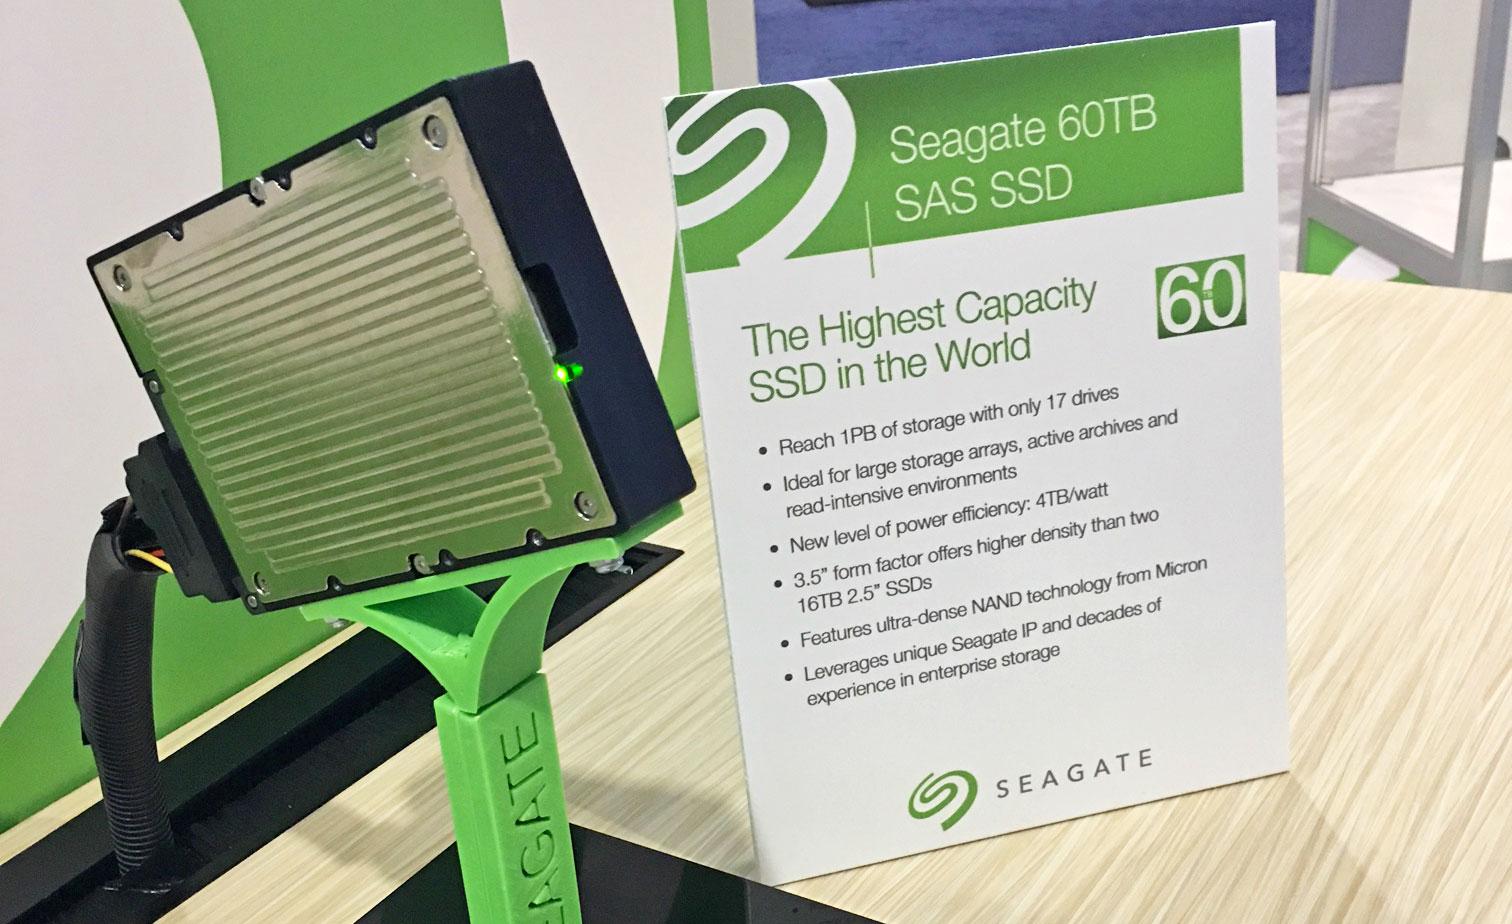 60 terabyte SSD Seagate